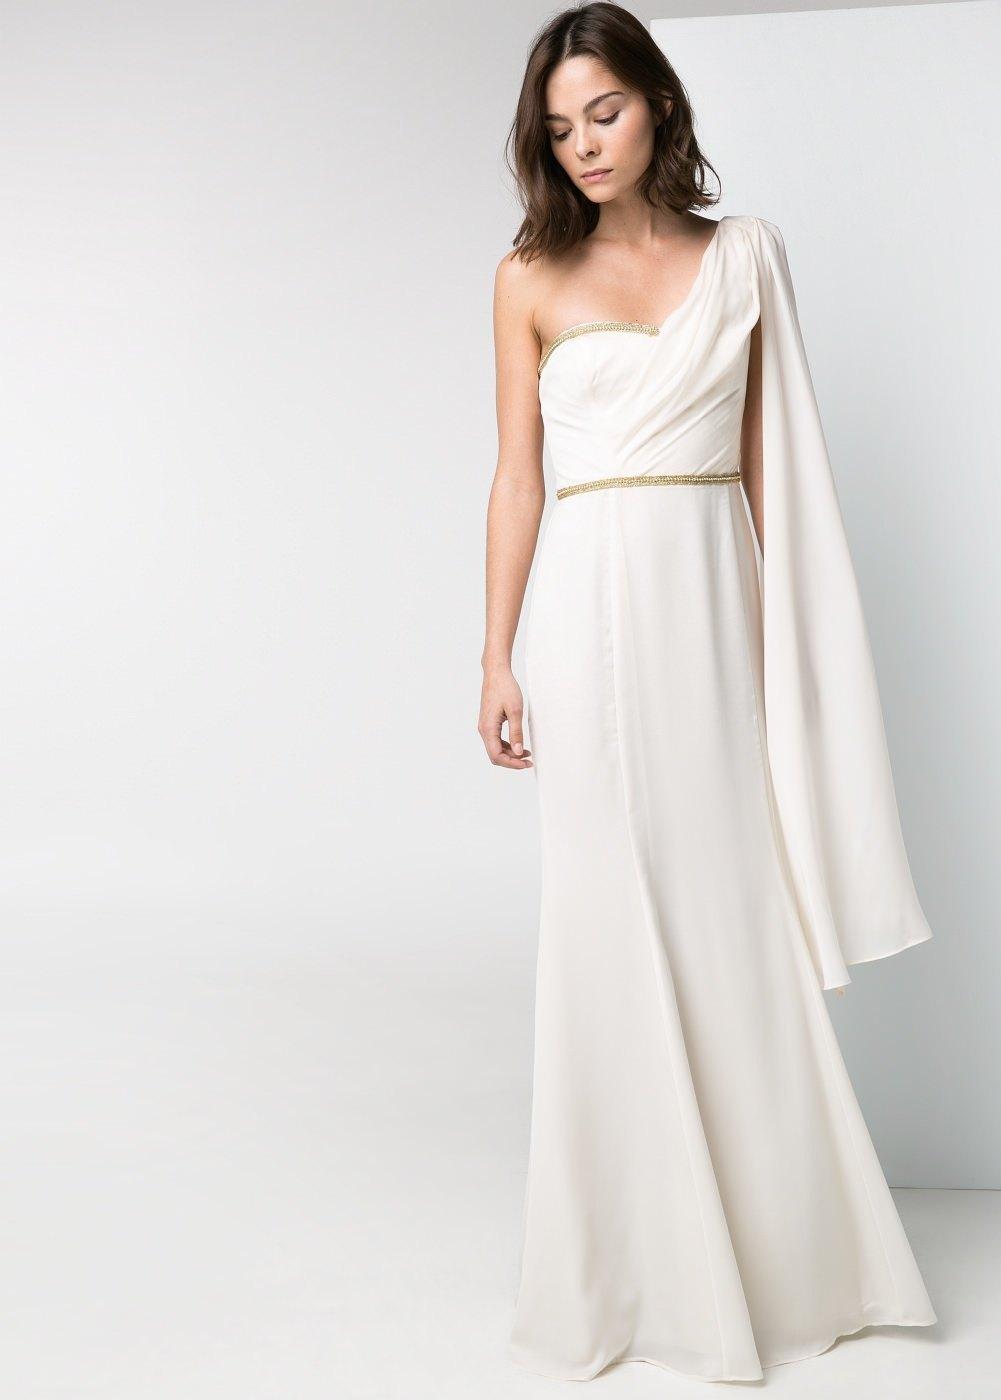 Vestidos de novias sencillos y baratos cortos